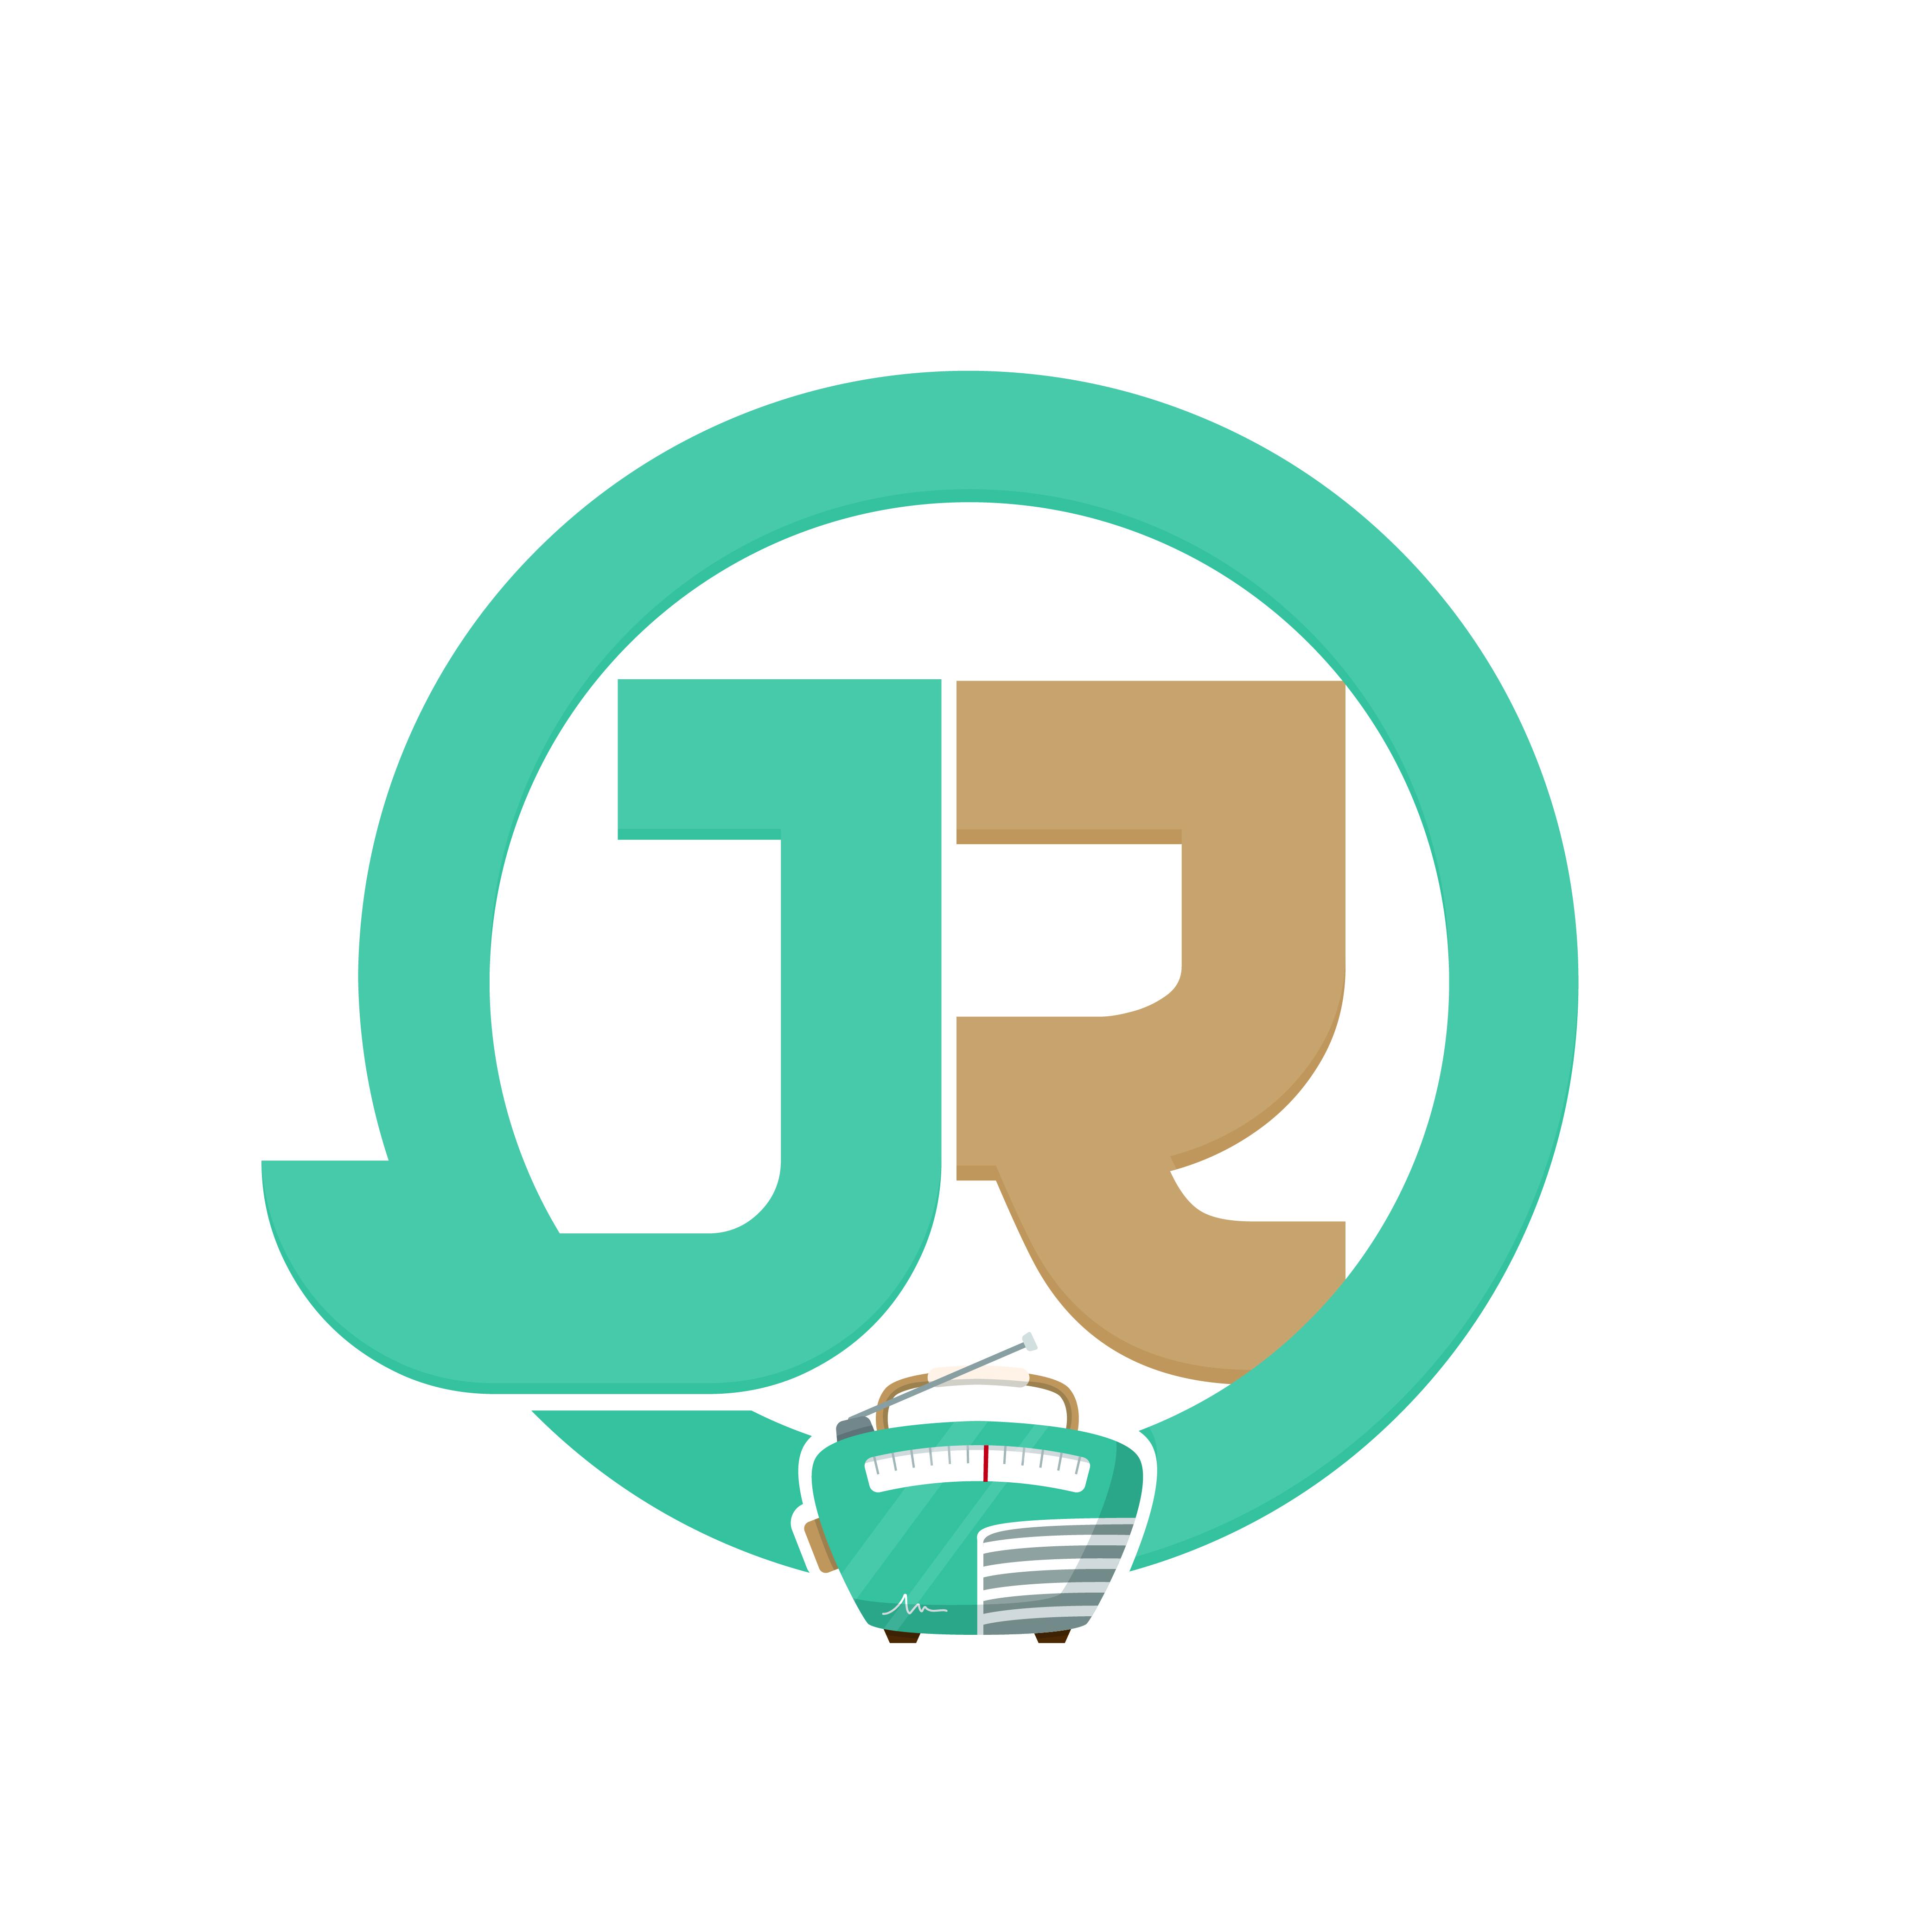 JayaRadio.com